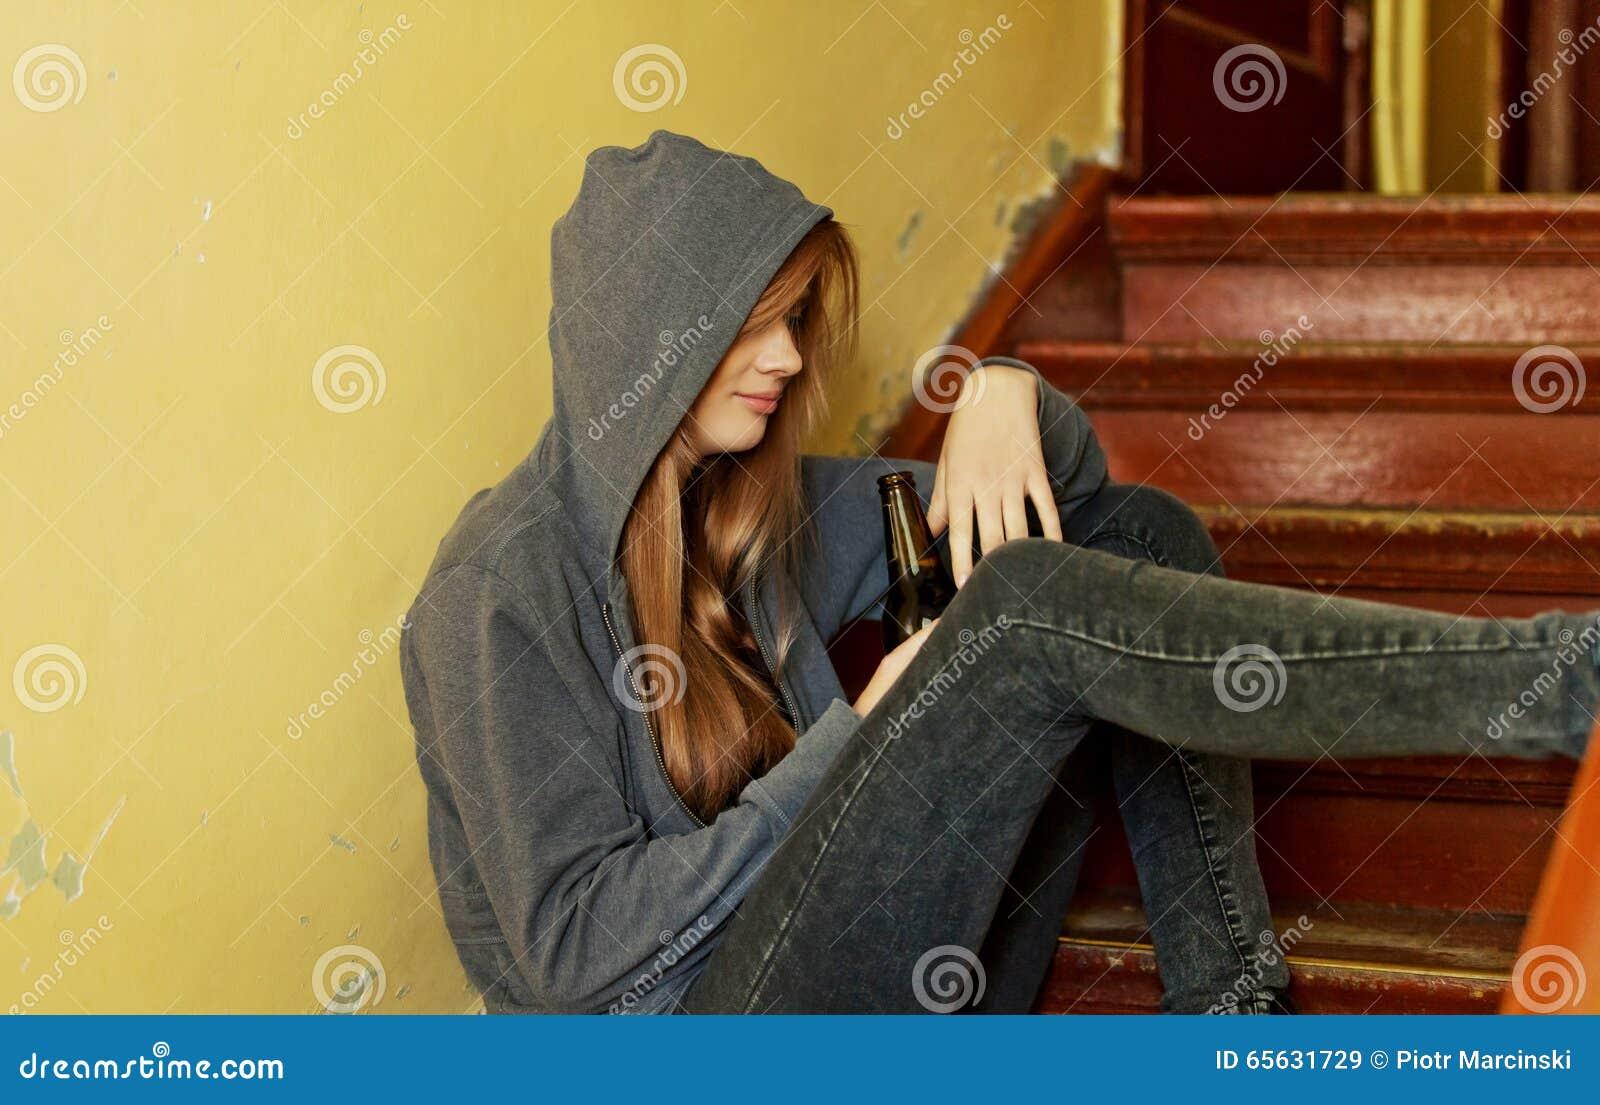 Femme déprimée adolescente s asseyant sur l escalier et buvant d une bière